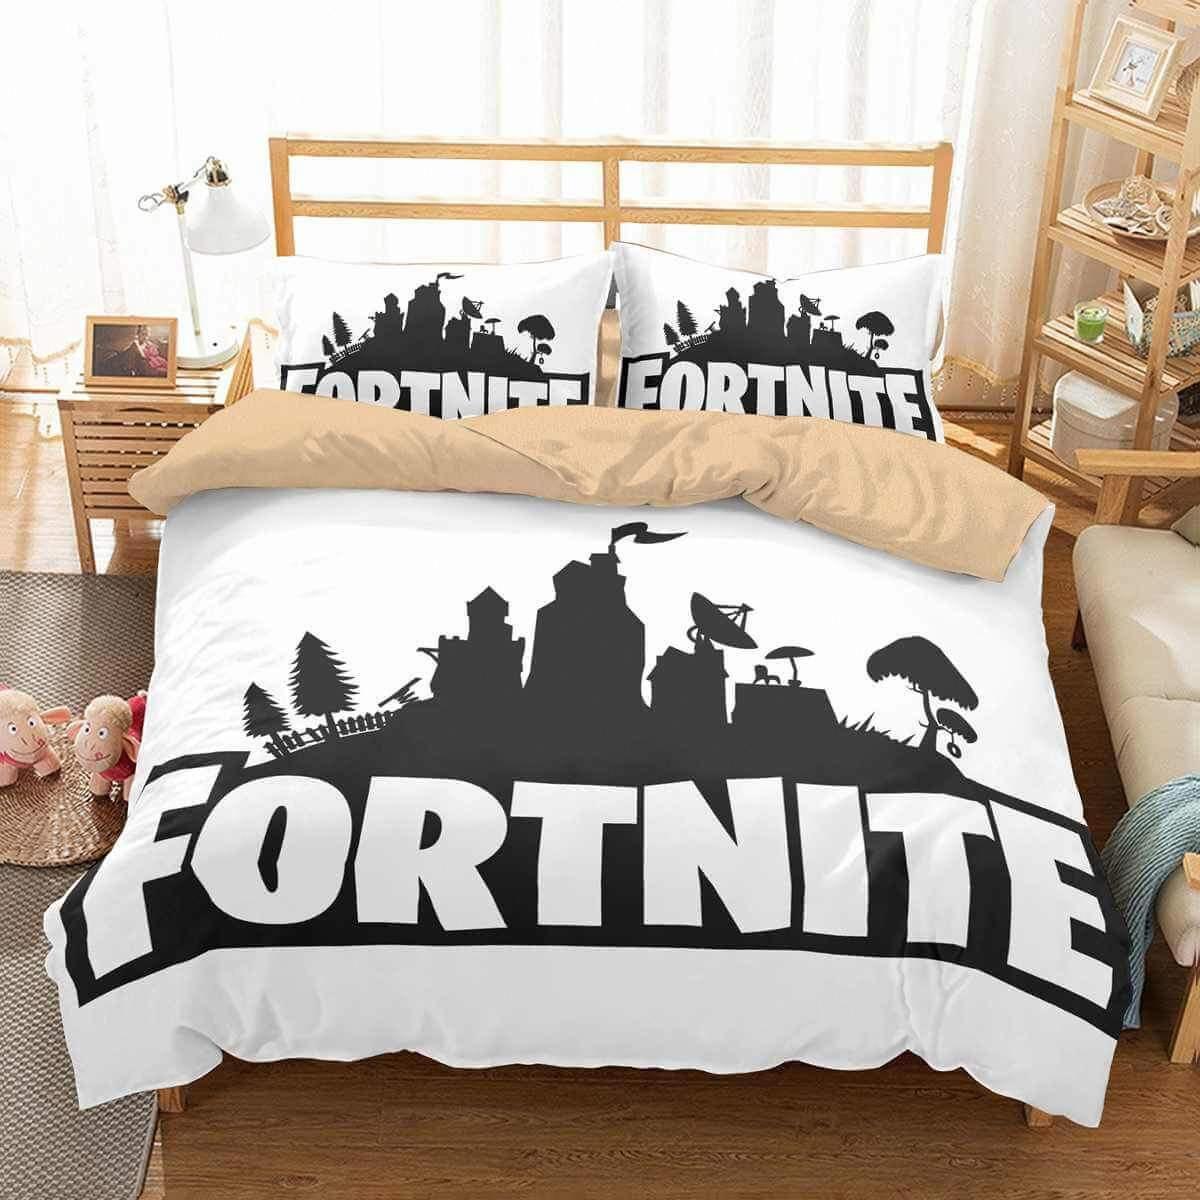 19D Customize Fortnite Bedding Set Duvet Cover Set Bedroom Set